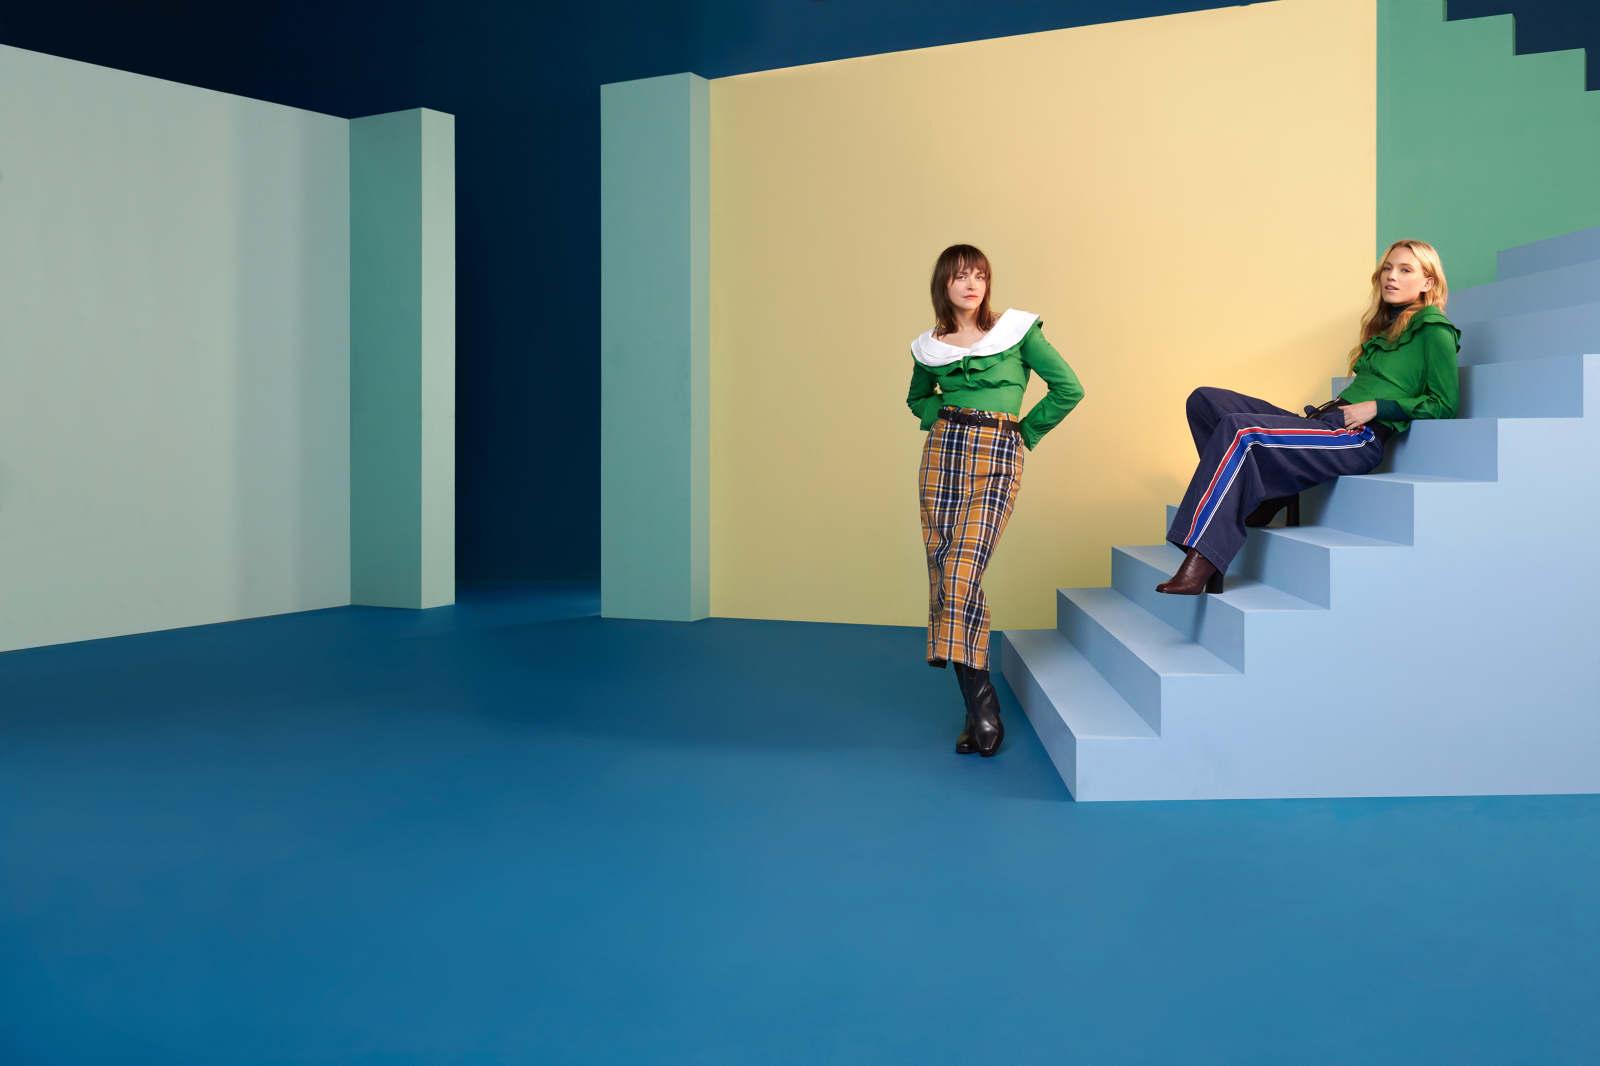 Zalando riunisce 8 brand e lancia una capsule di moda sostenibile